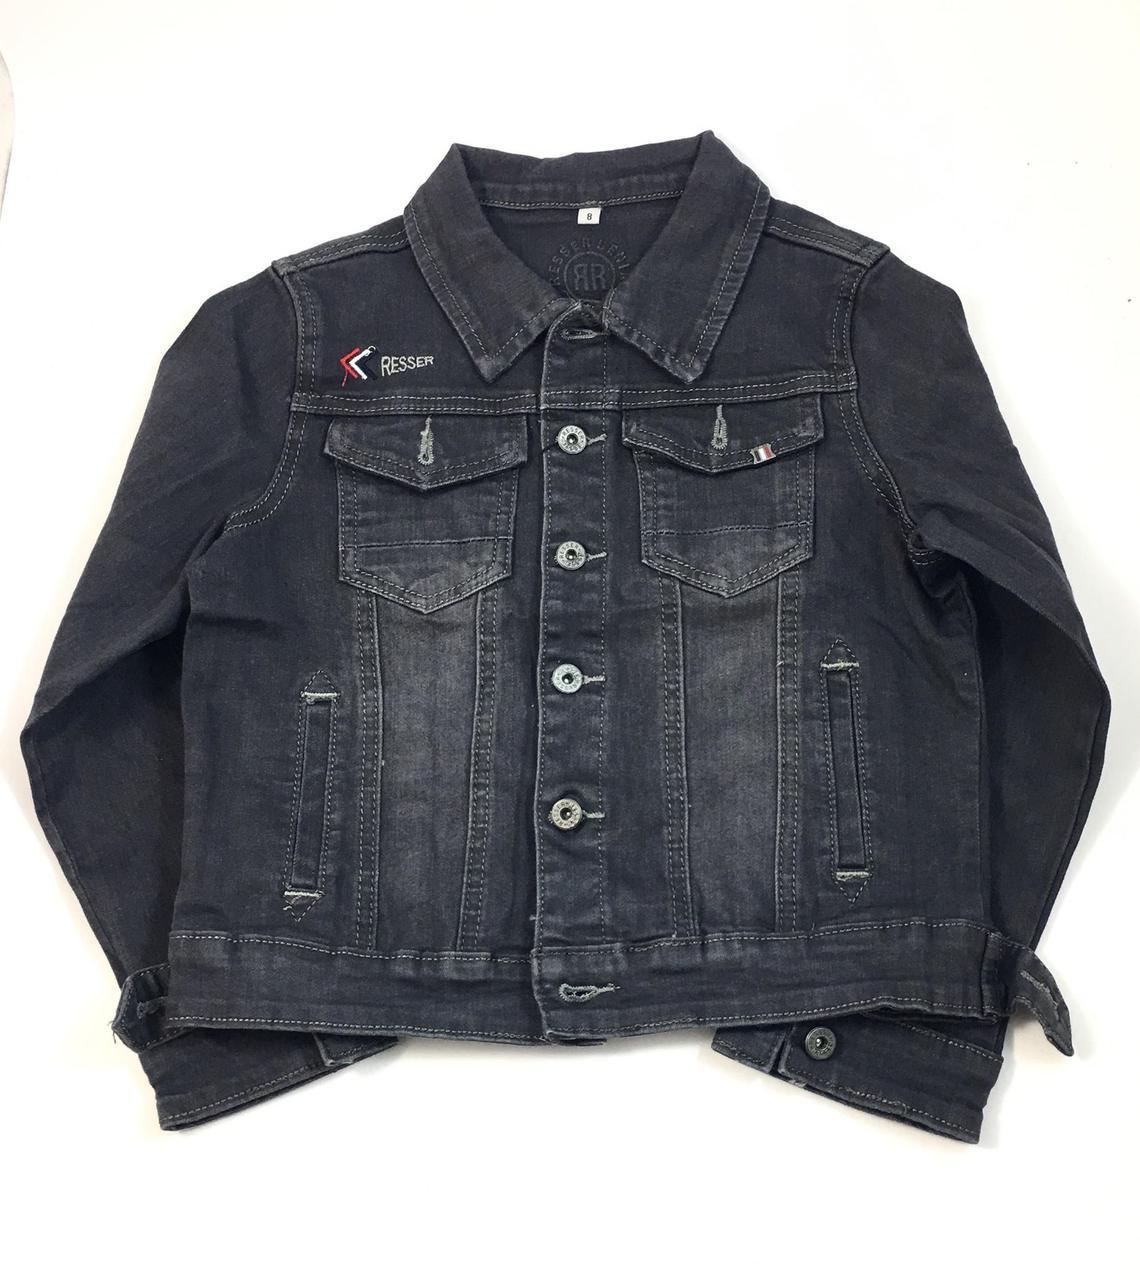 Джинсовая куртка для мальчика Resser Стайл, серый (р.8,9,10,11 лет)